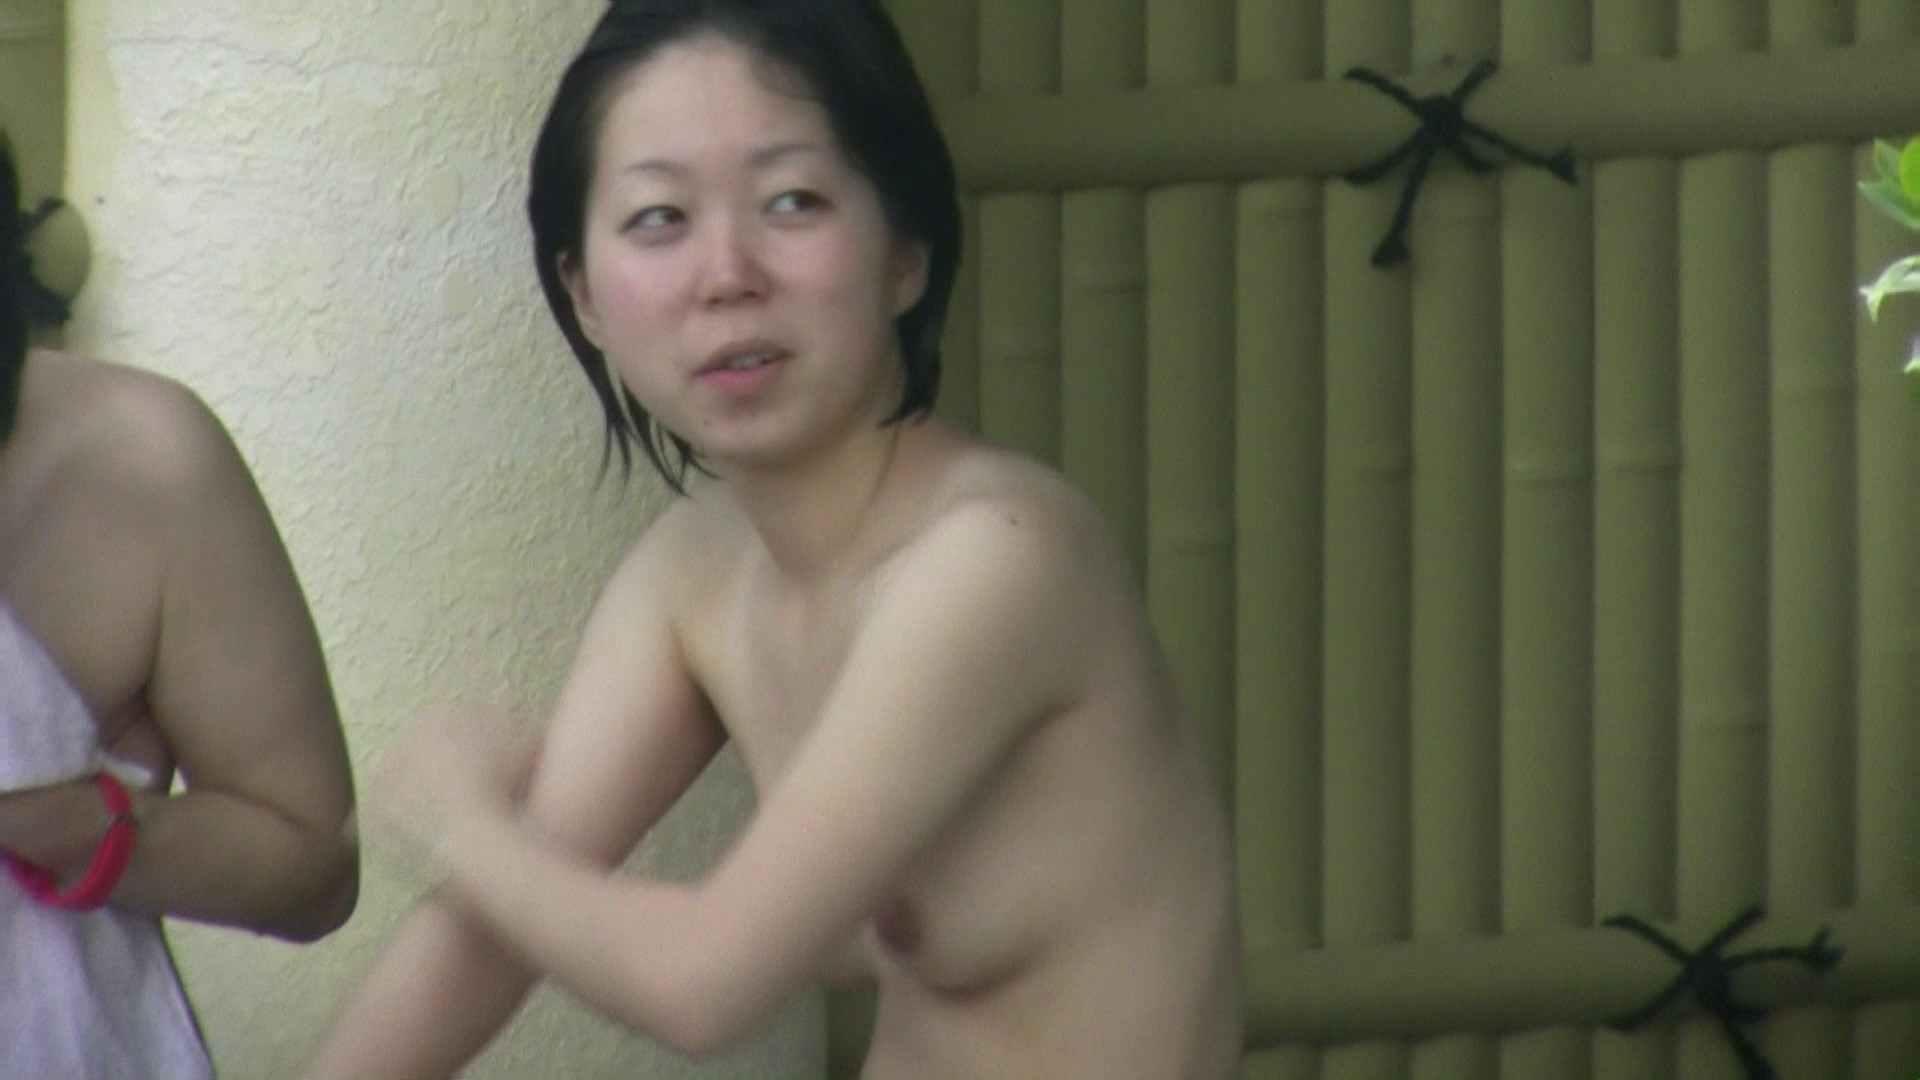 Aquaな露天風呂Vol.06【VIP】 盗撮 | 露天  83画像 73